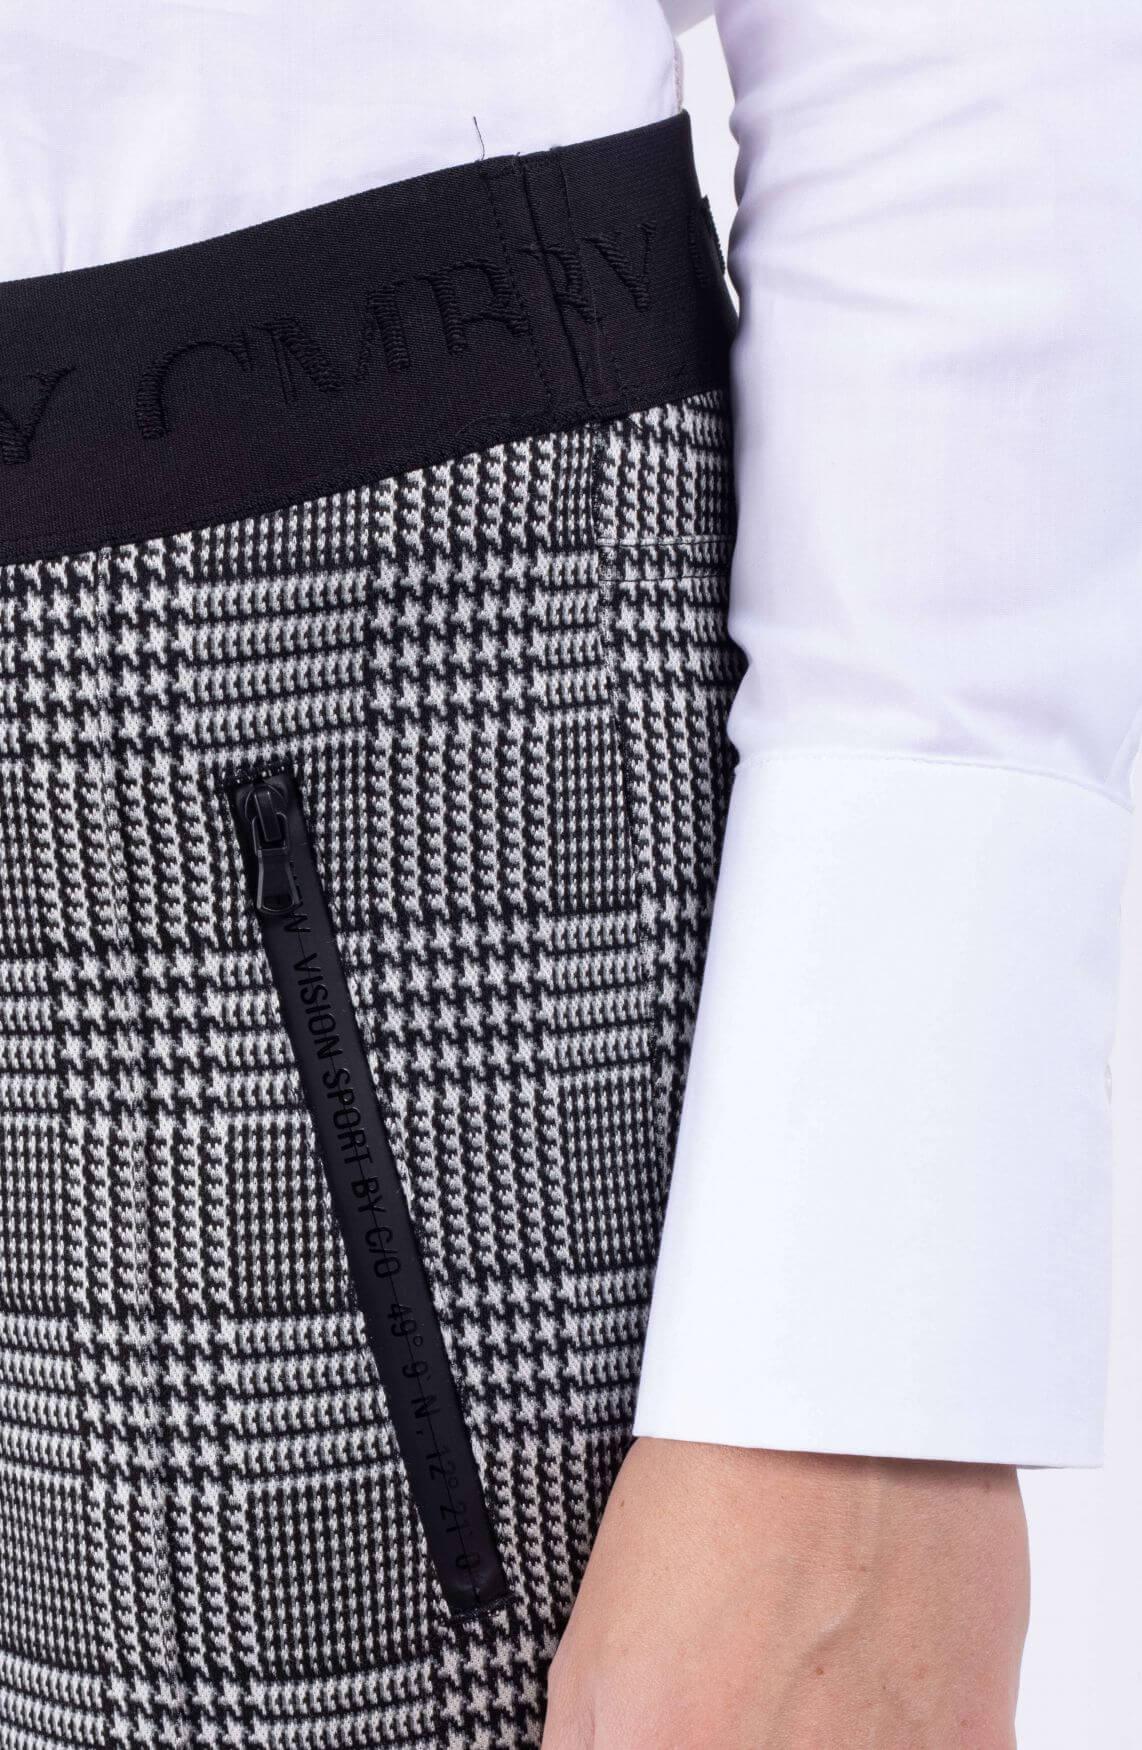 Cambio Dames Ranee broek Zwart